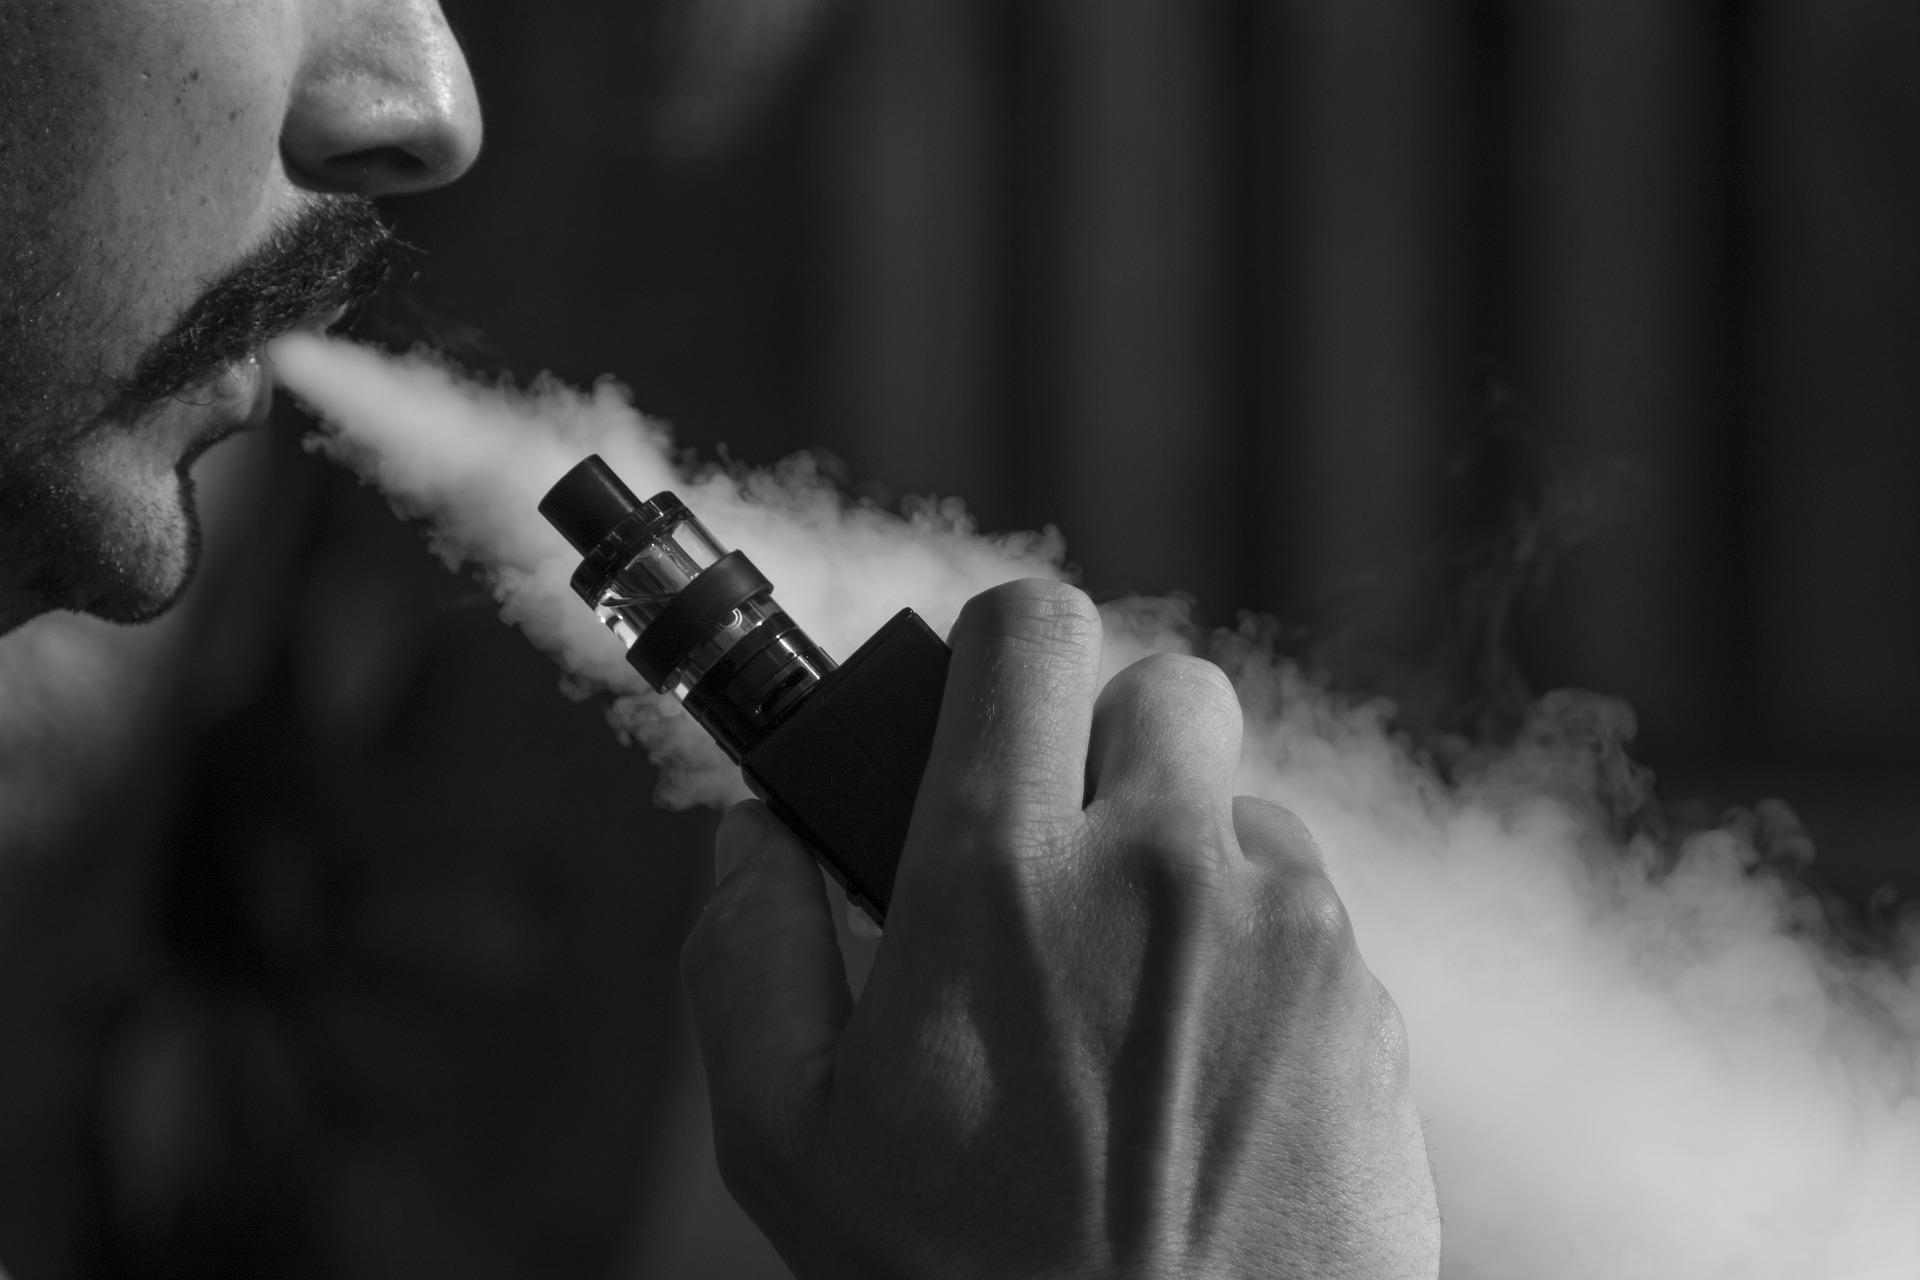 Cigarette électronique : est-ce dangereux de s'en servir ?